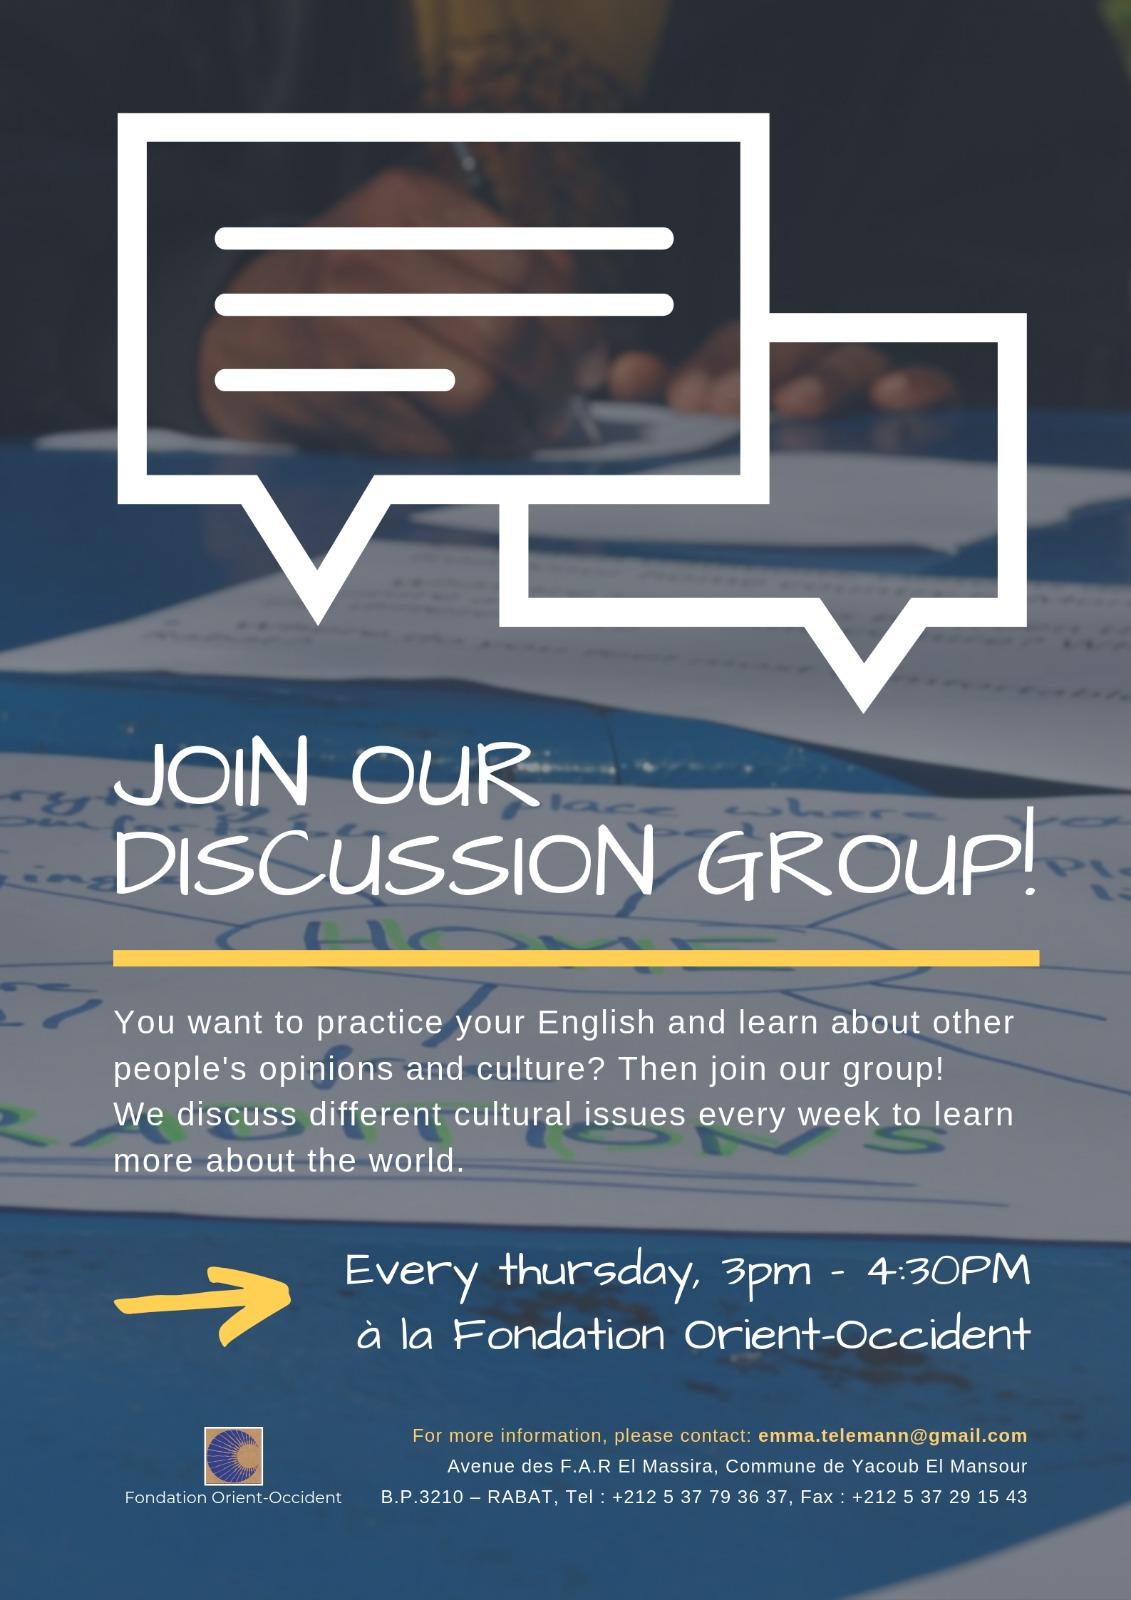 Groupe de discussion à la Fondation Orient-Occident: tous les jeudis de 15h à 16h30